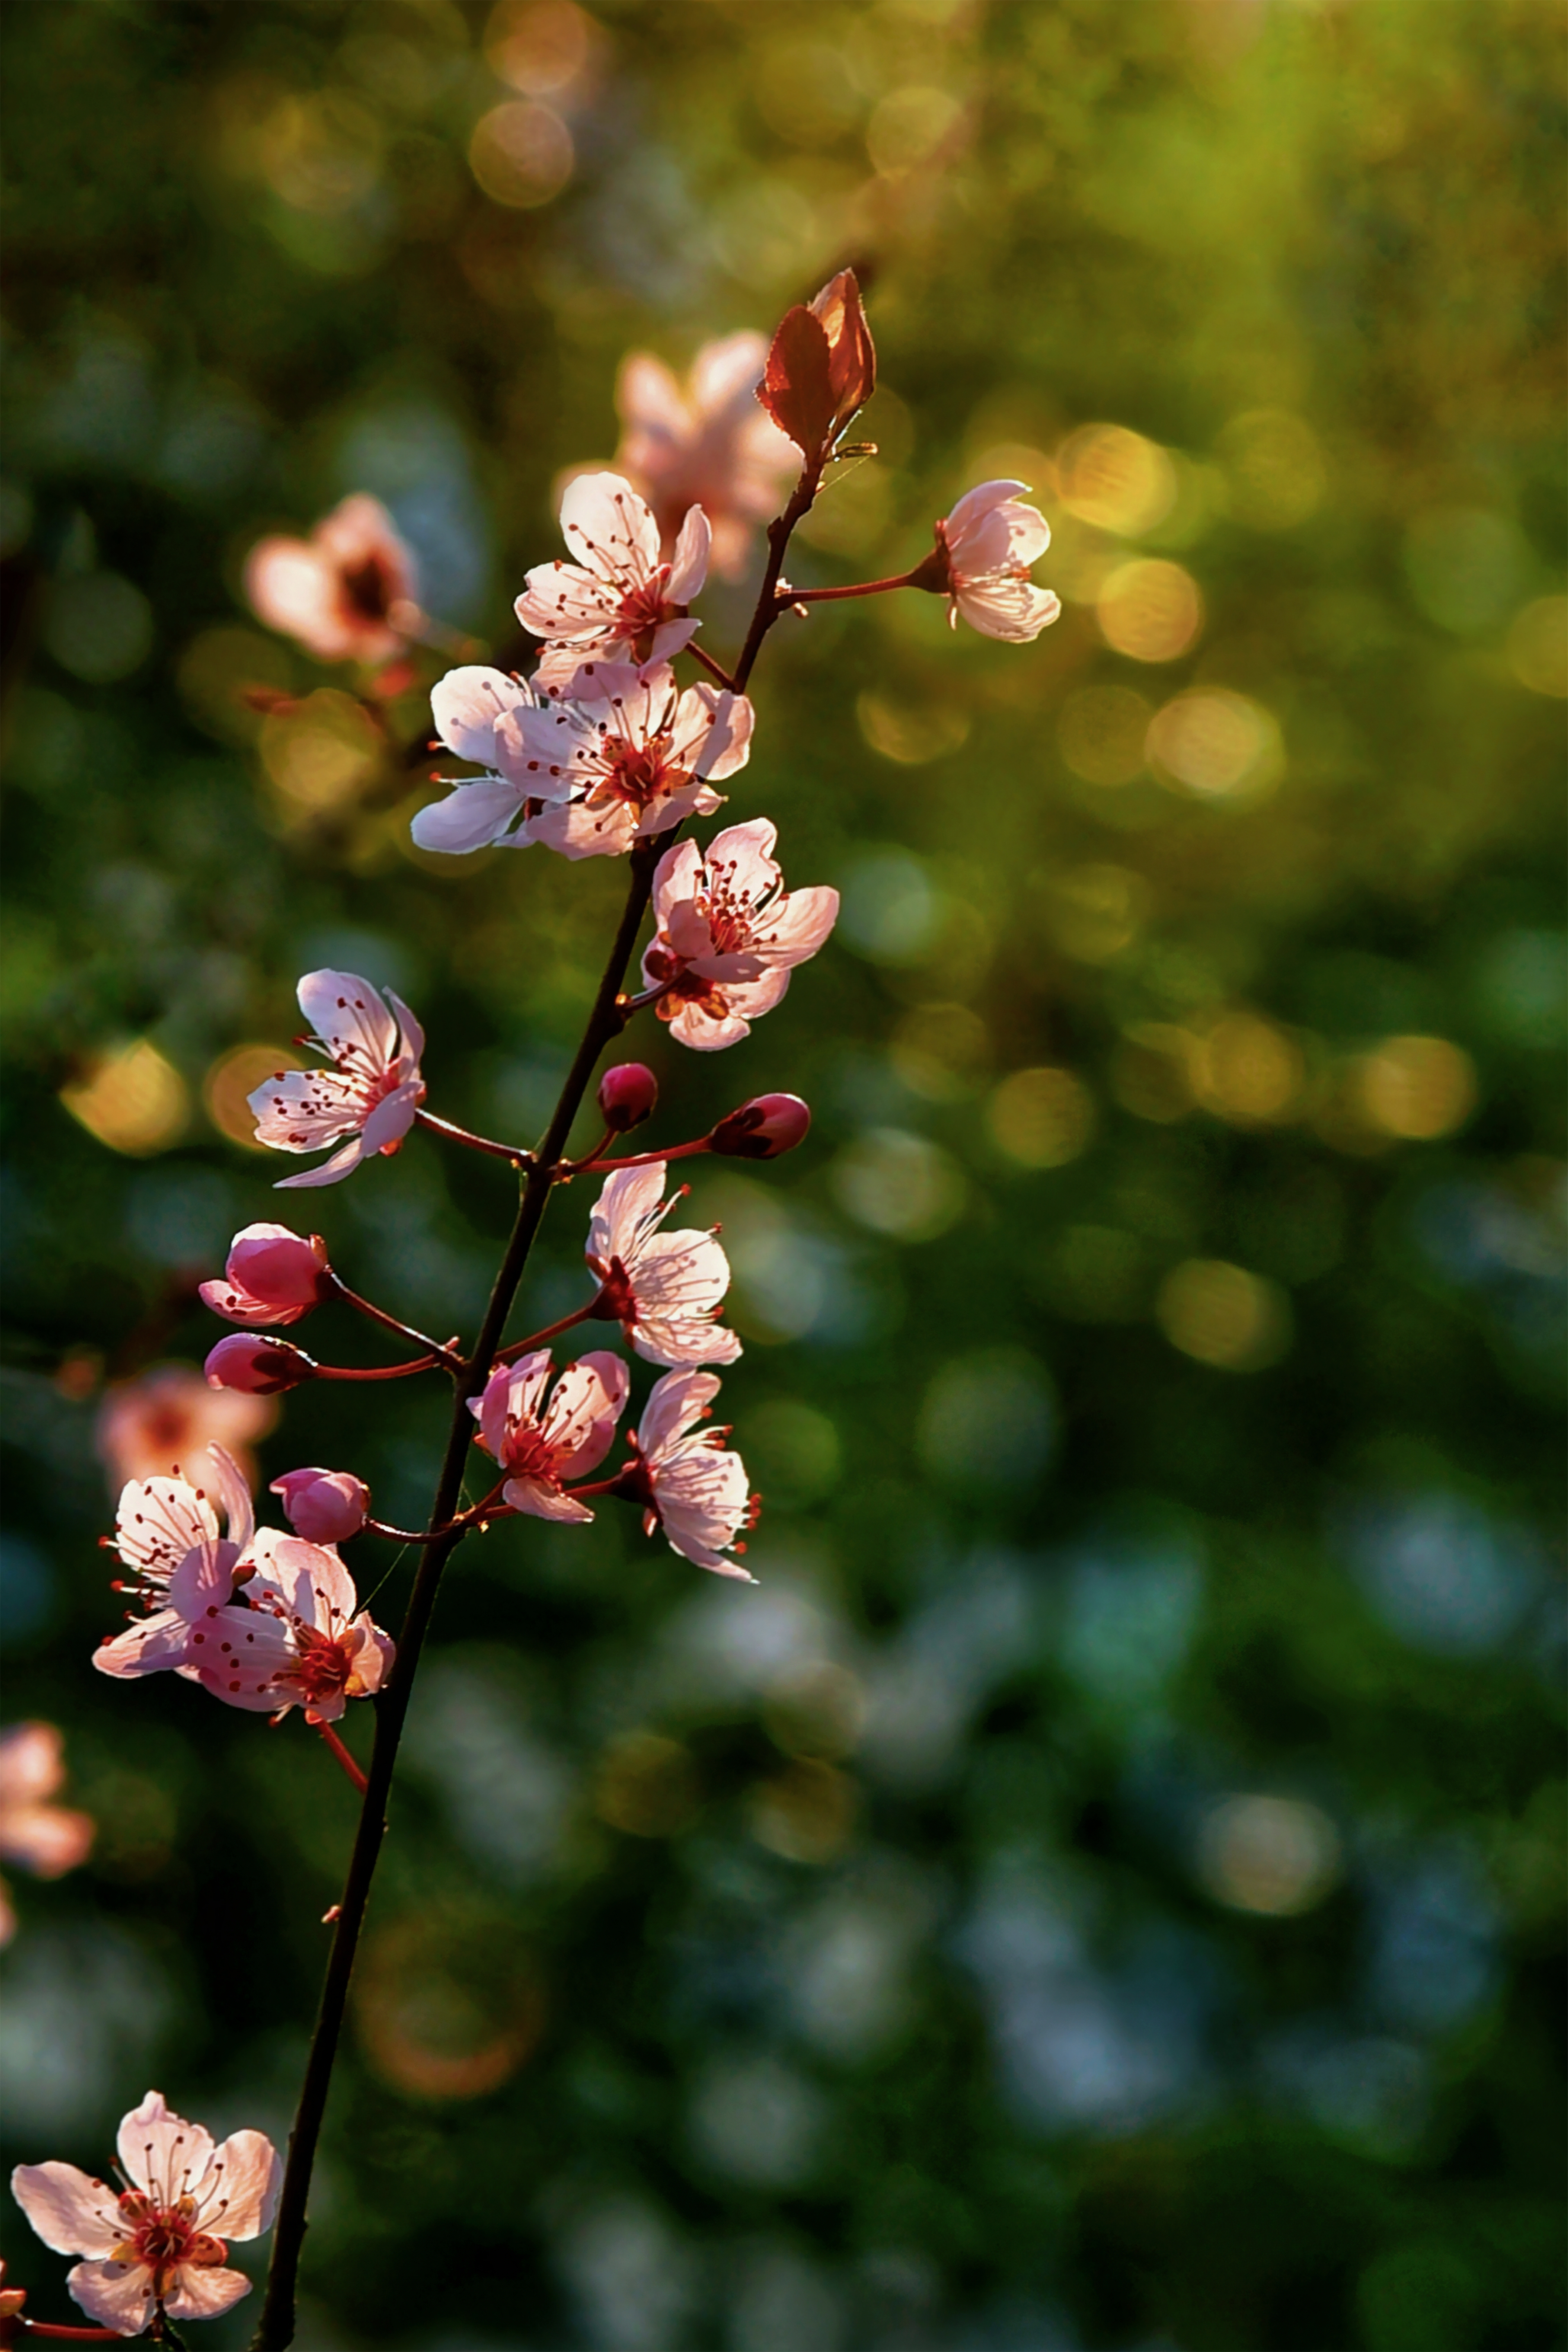 湖南常德-湘情 《春暖花开》 Nikon.jpg